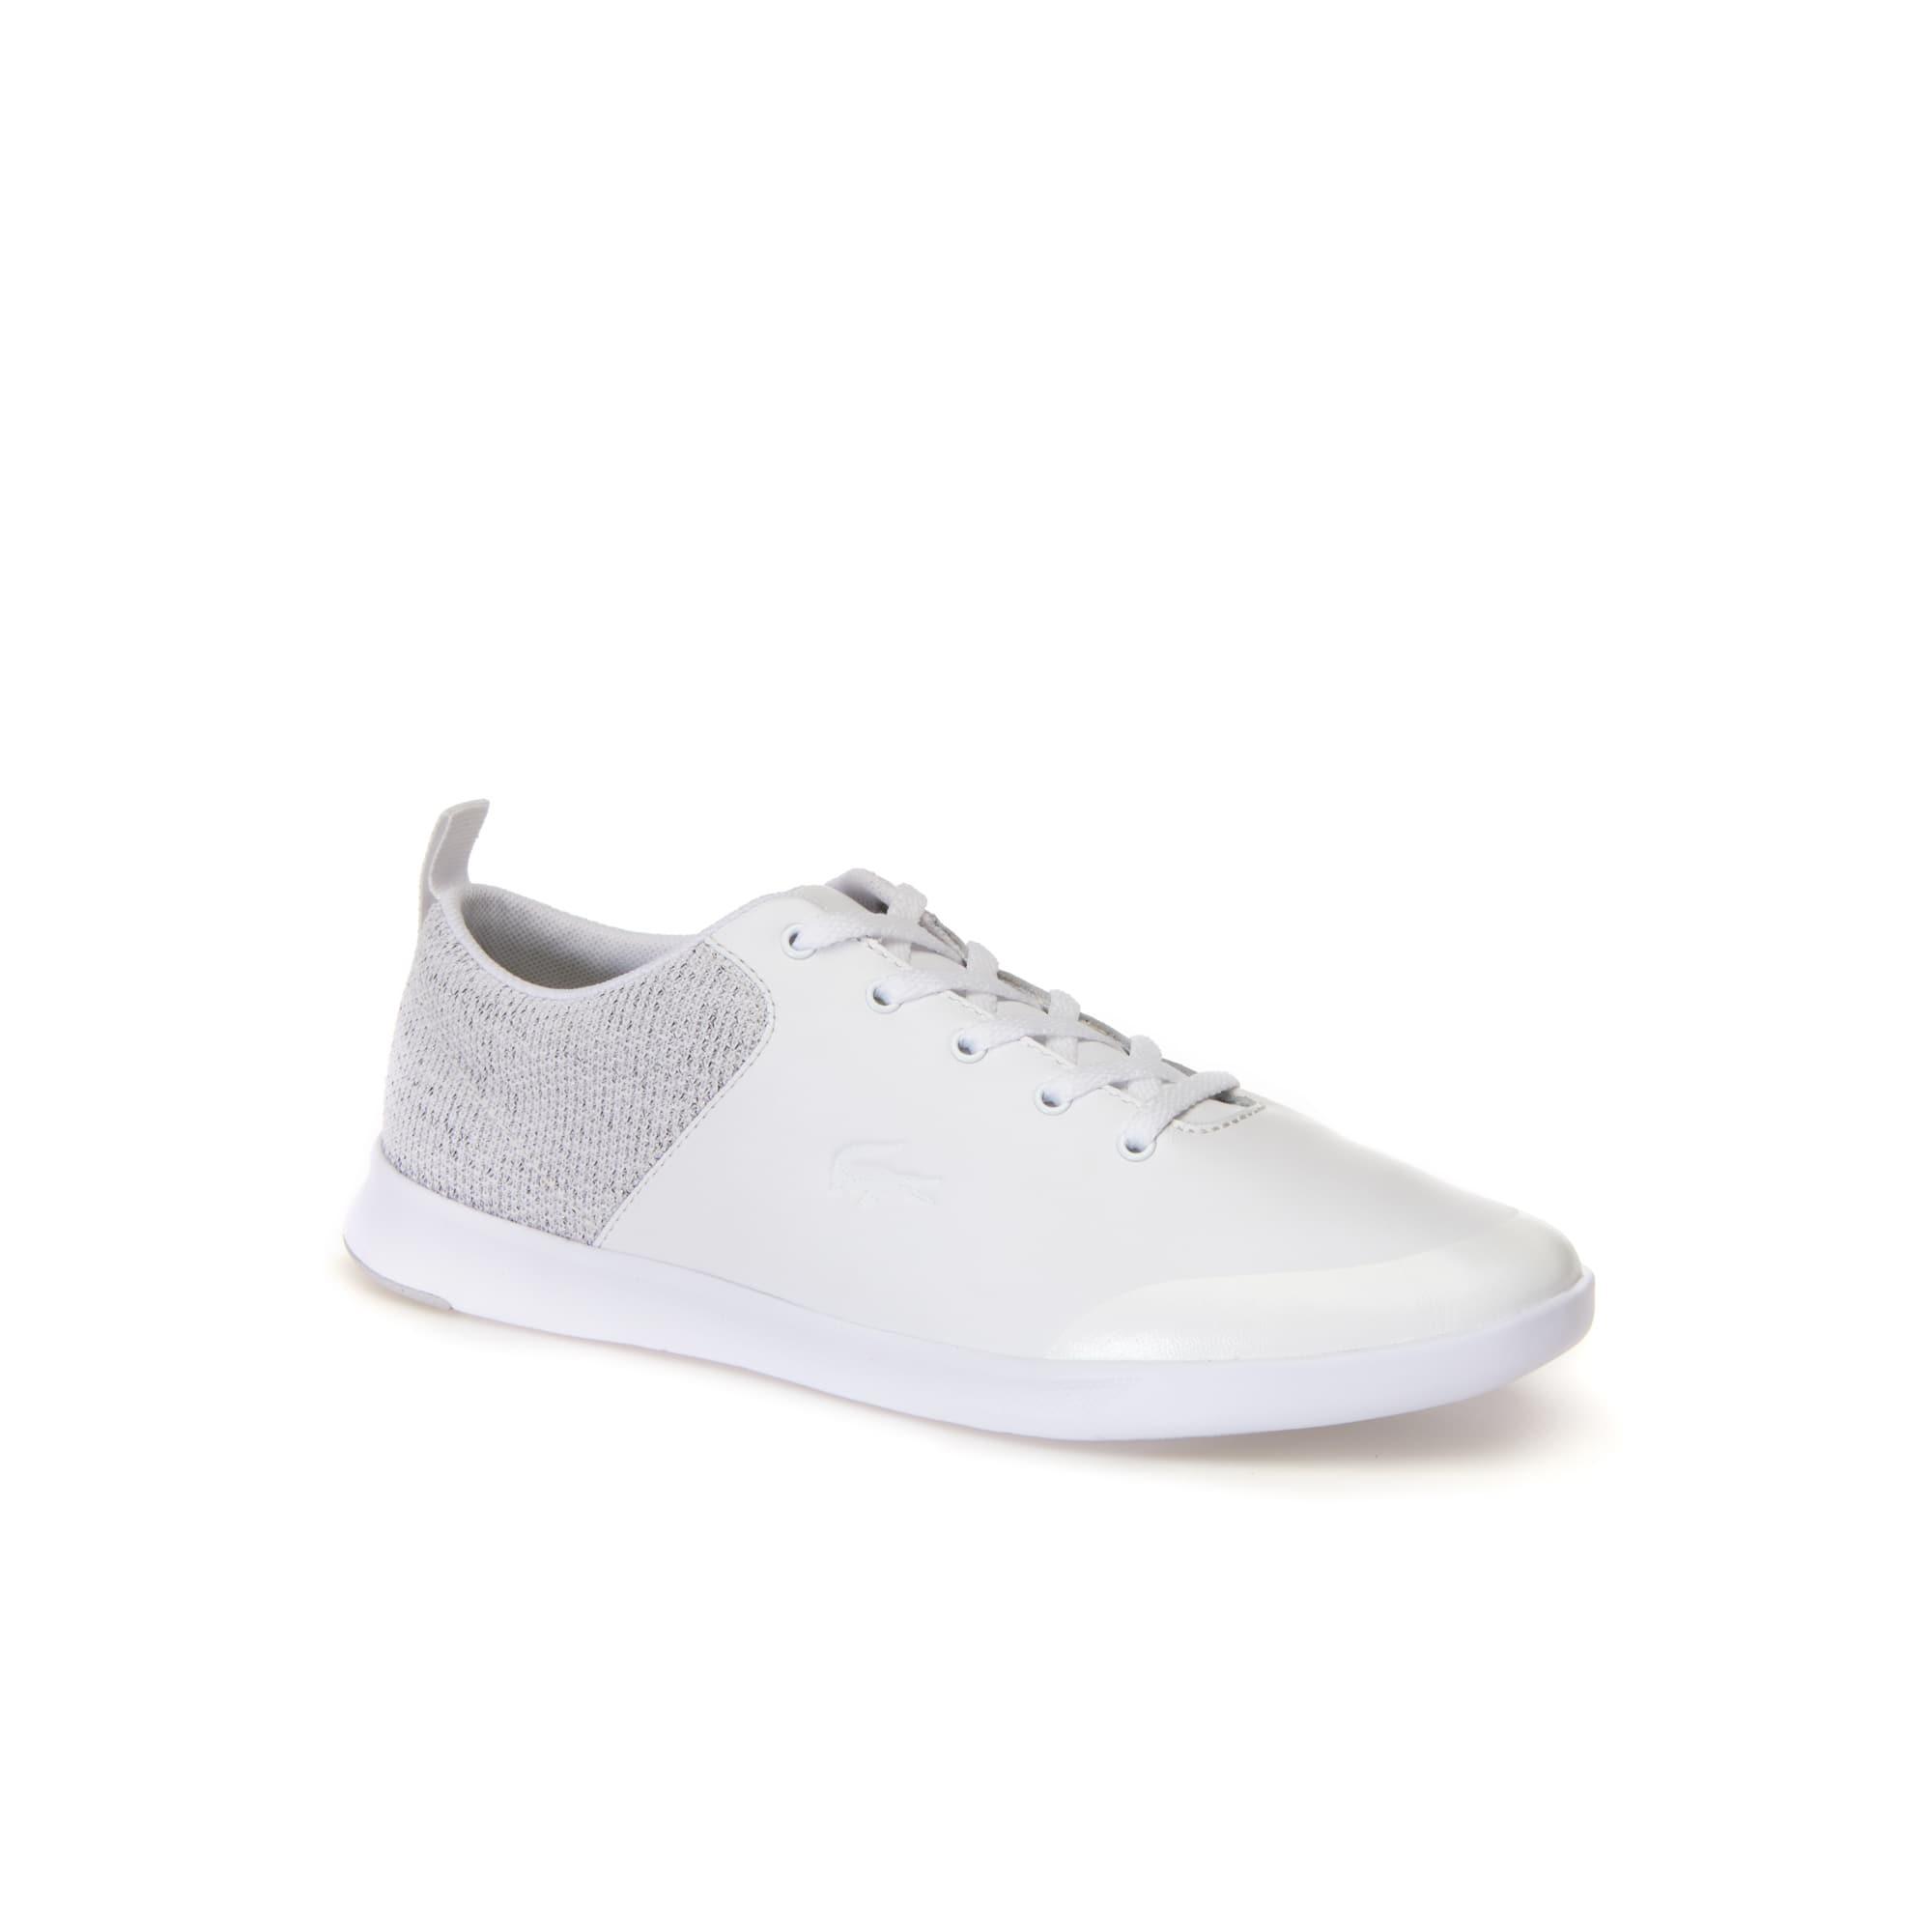 Damen-Sneakers AVENIR aus Leder mit Schnürung